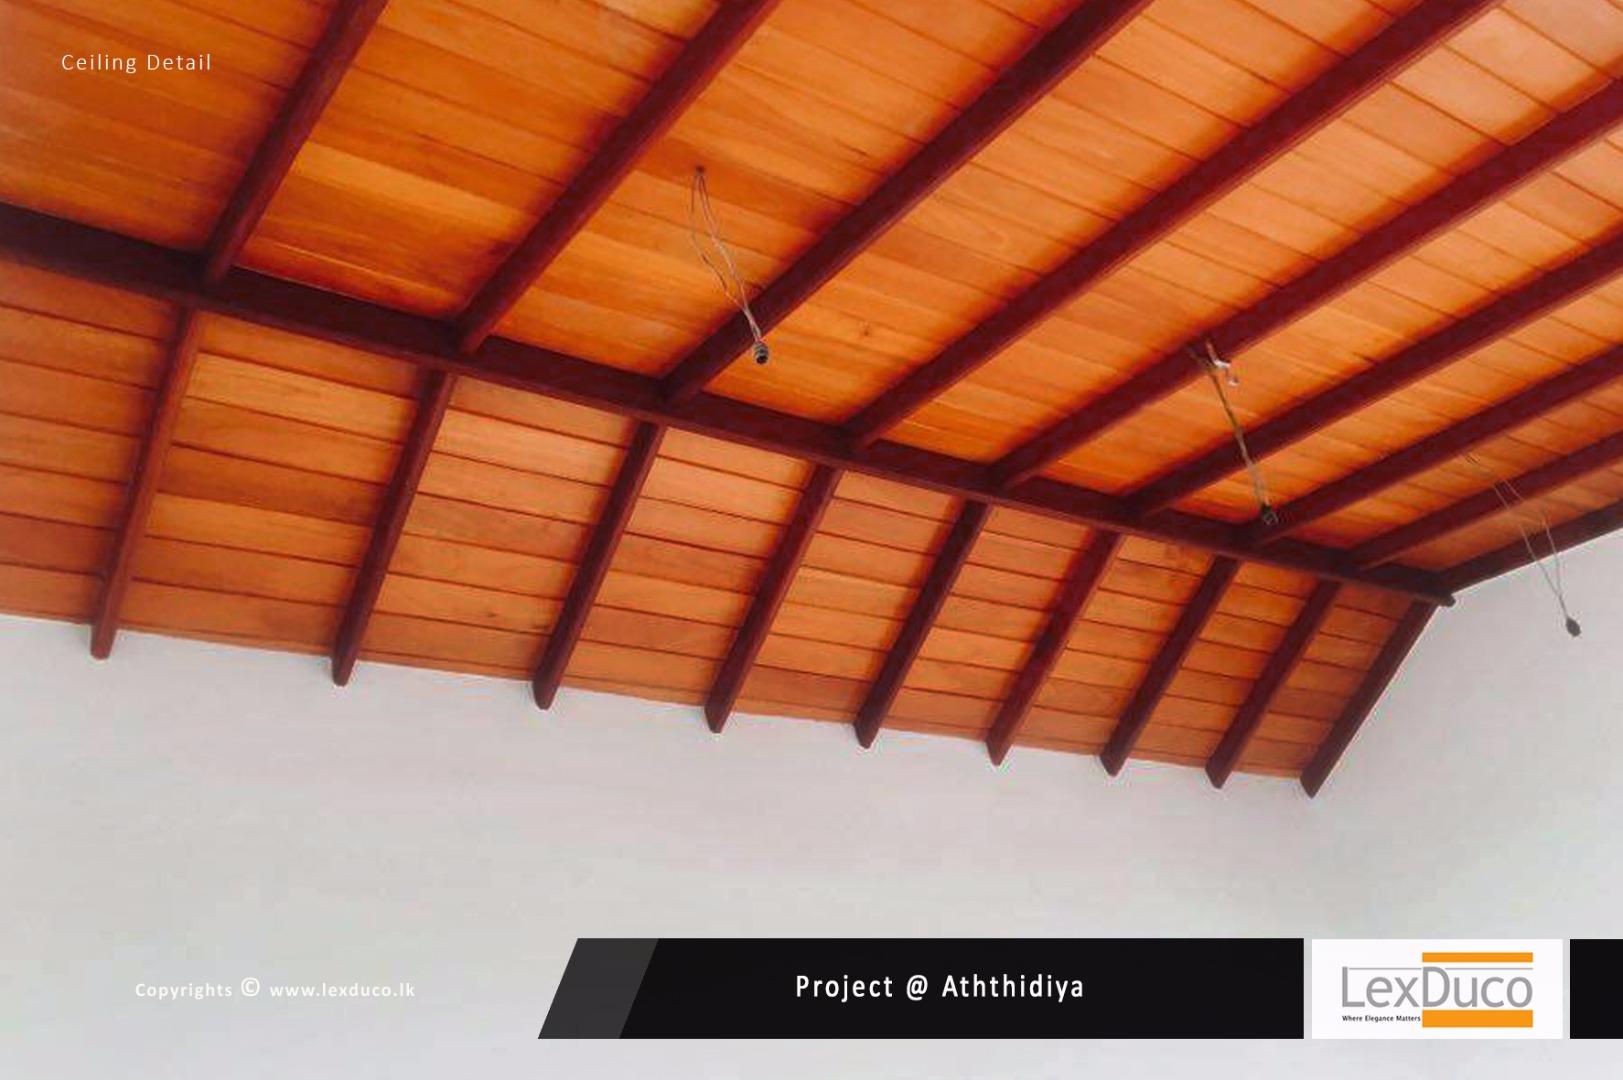 1 House Builders In Sri Lanka 1 In Home Construction In Sri Lanka Colombo Lex Duco